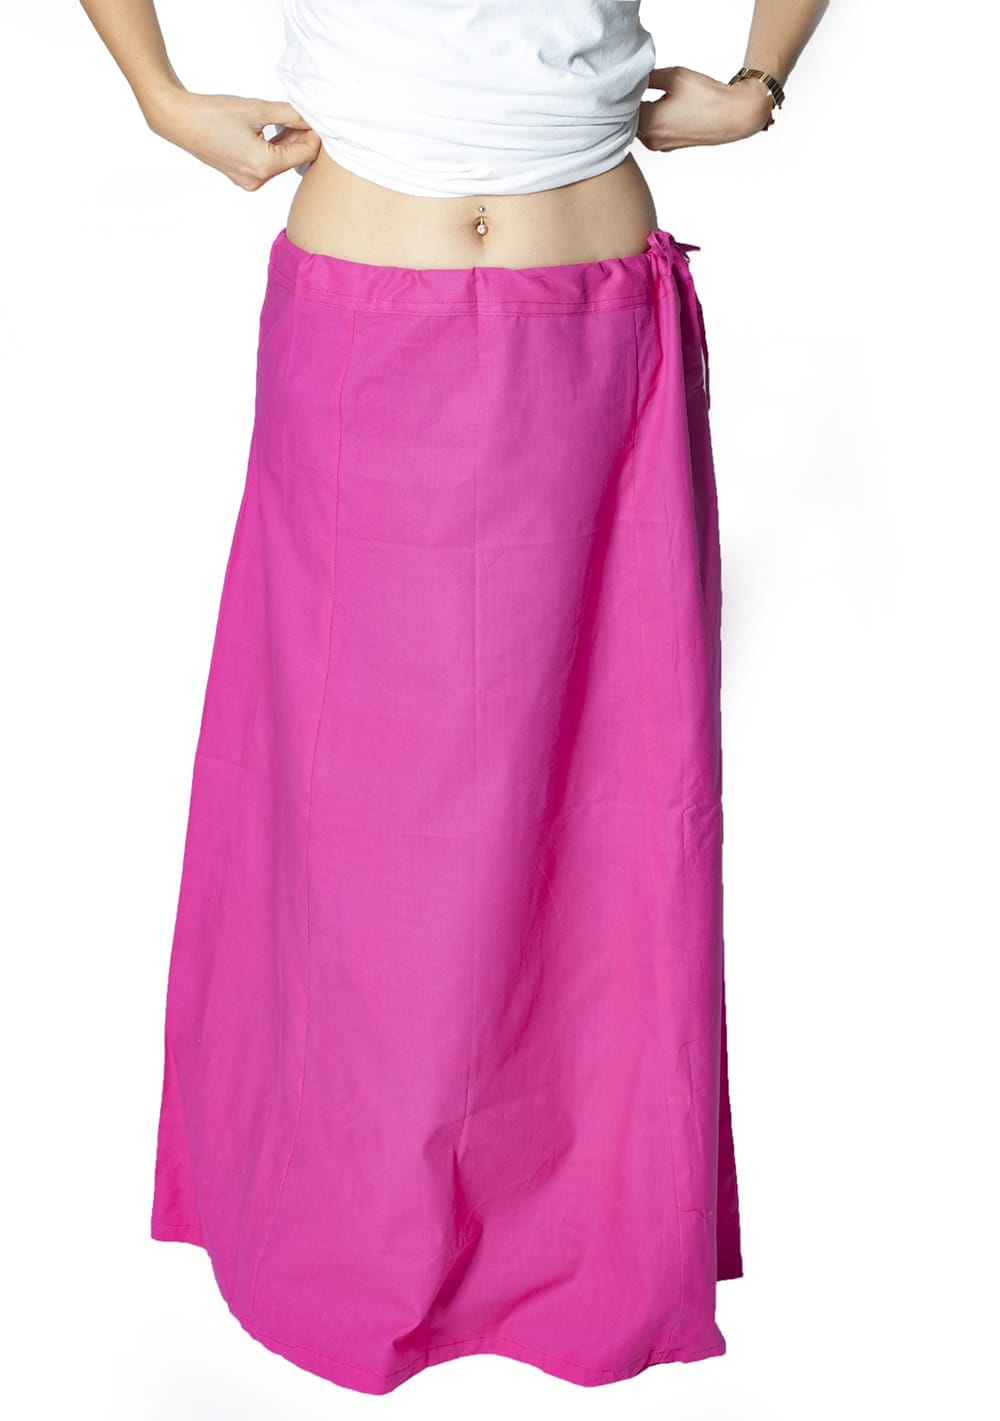 サリーの下に着るペチコート - ライトグリーン 5 - 余裕をもって長めのサイズになっていますので、たくし上げるなどして調整してください。